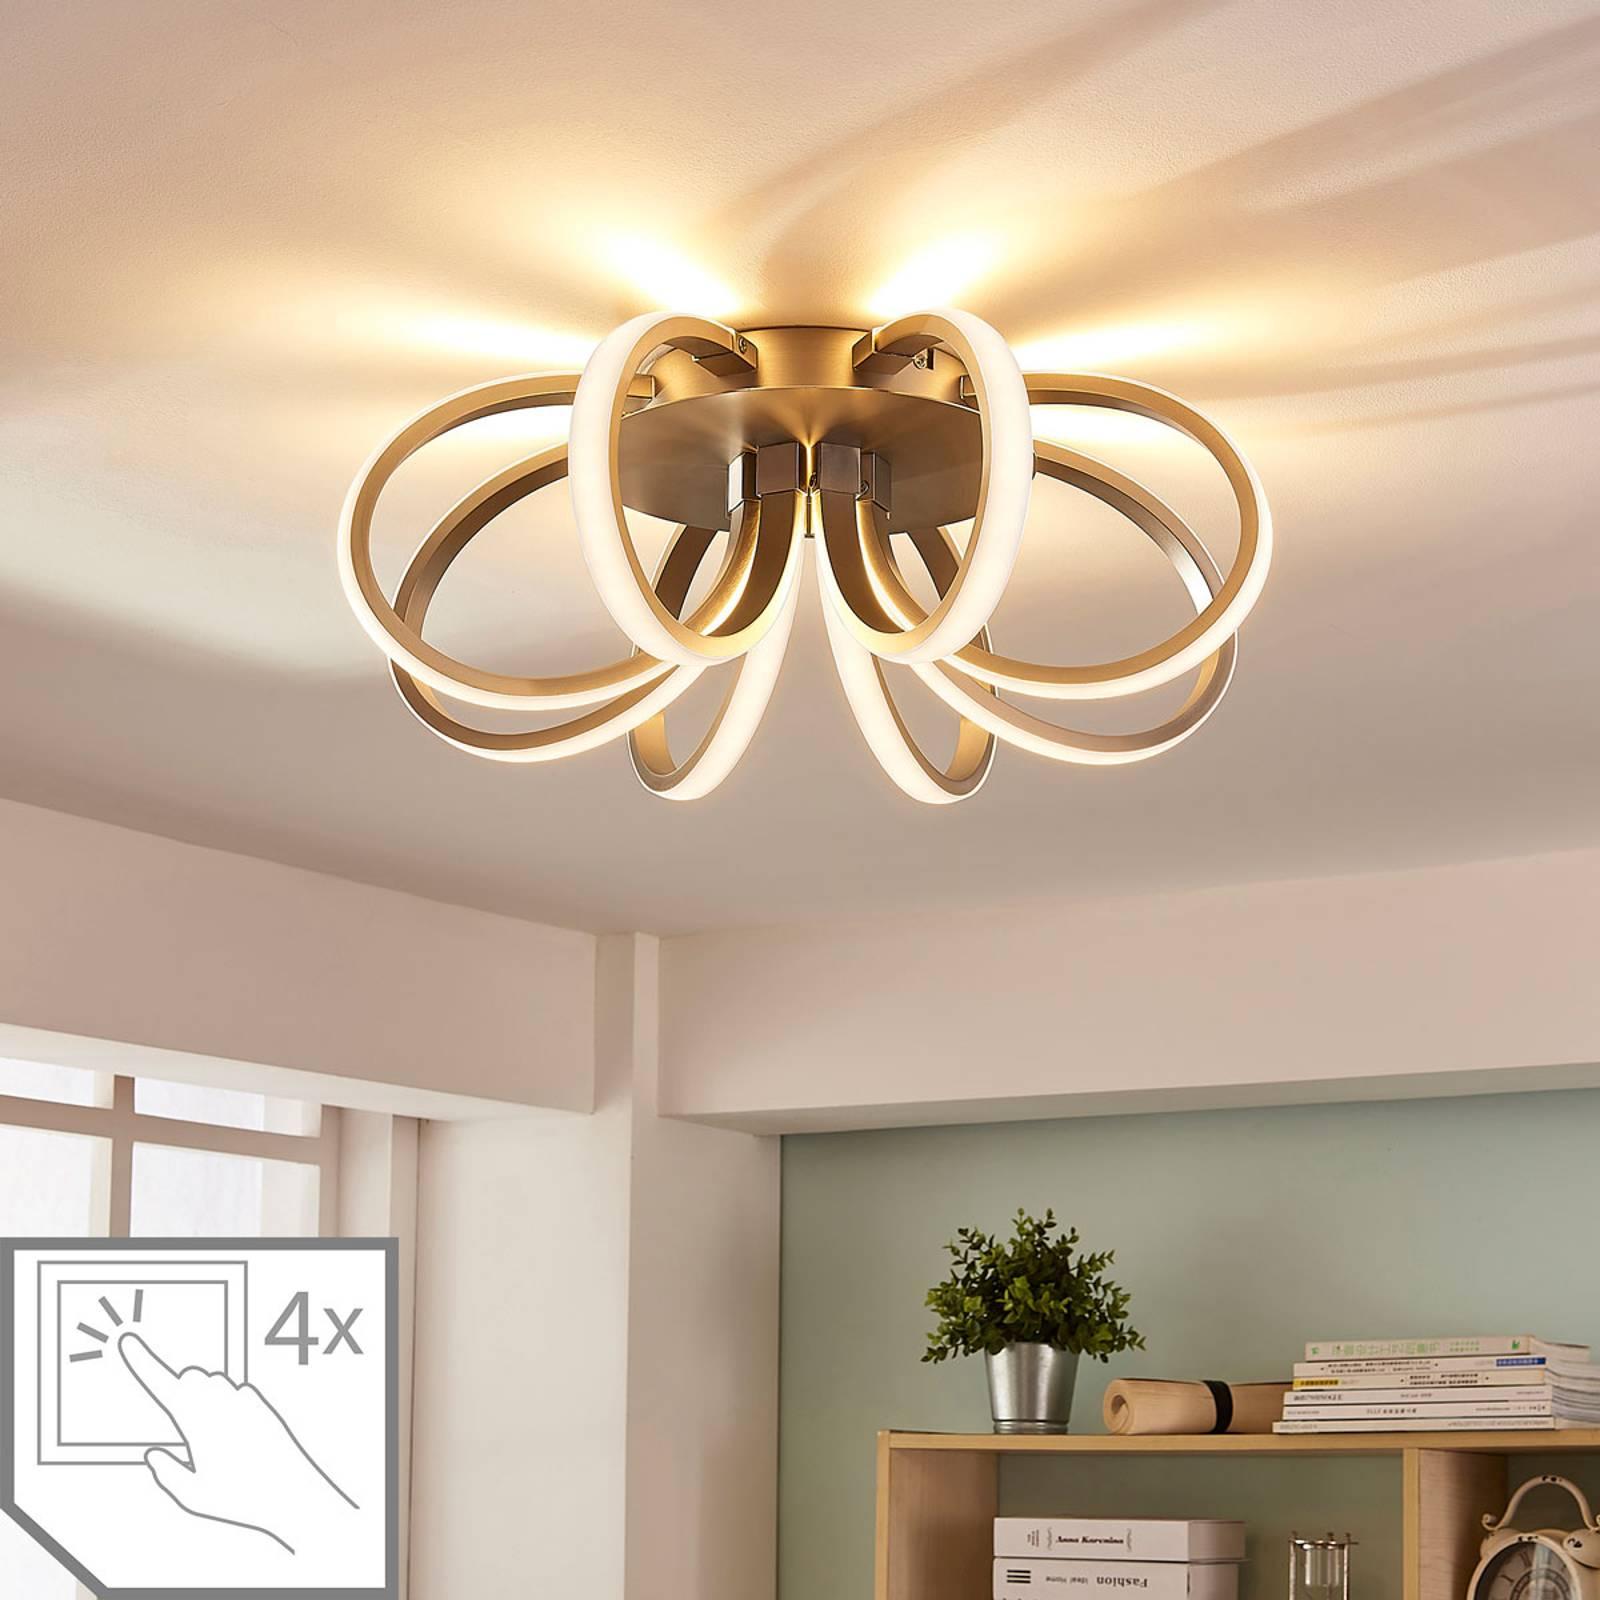 Lampa sufitowa LEd Vada w kształcie kwiatu